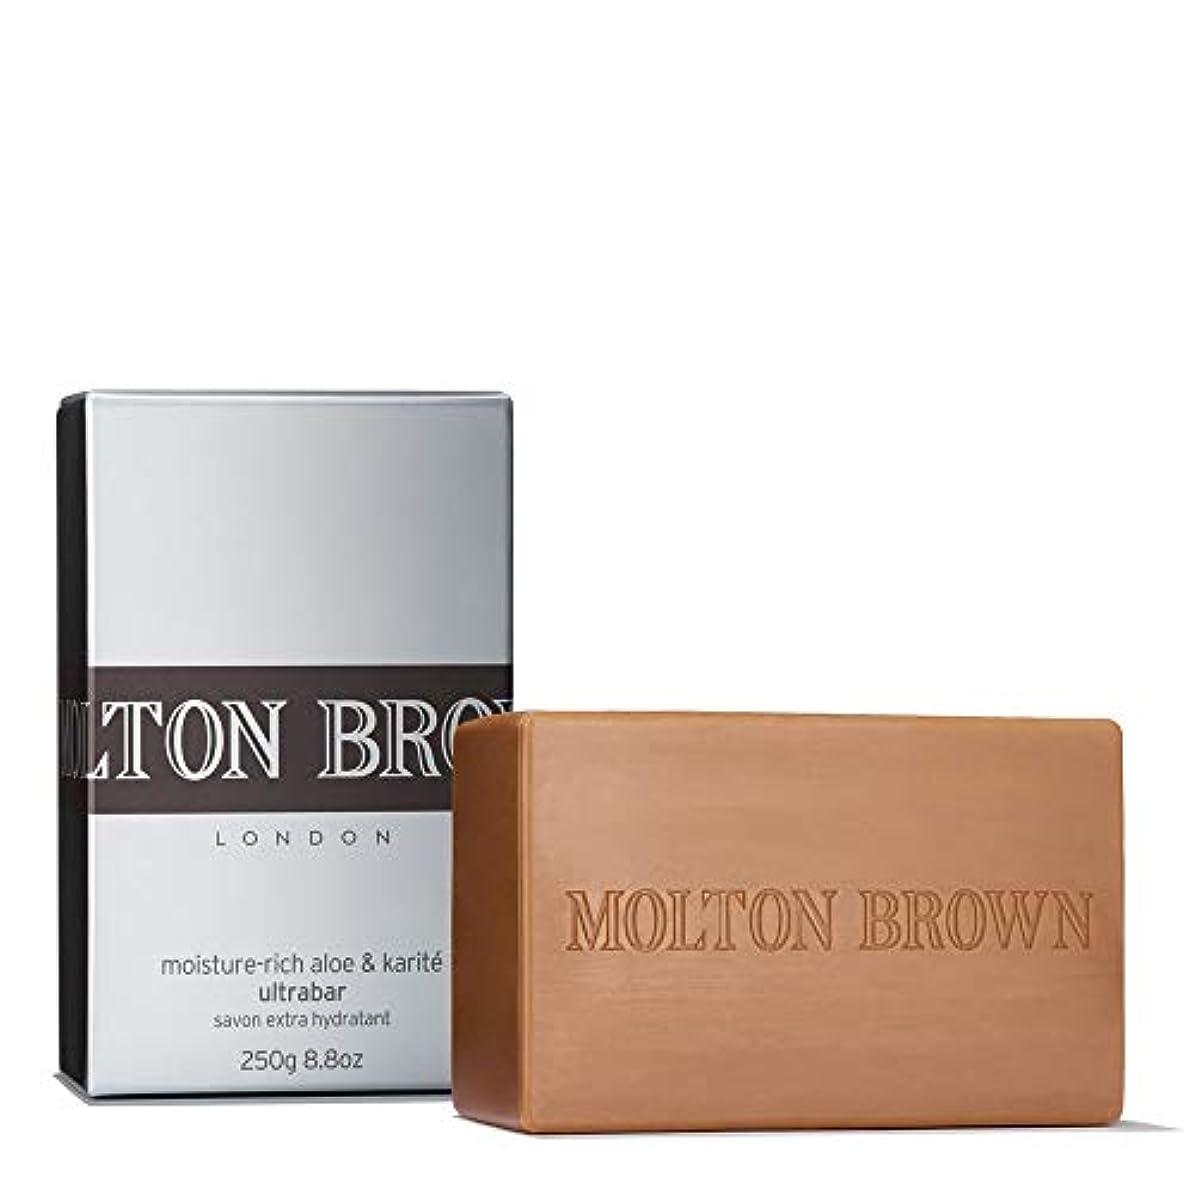 散髪レタス不調和MOLTON BROWN(モルトンブラウン) モイスチャーリッチ アロエ&カリテ ウルトラバー